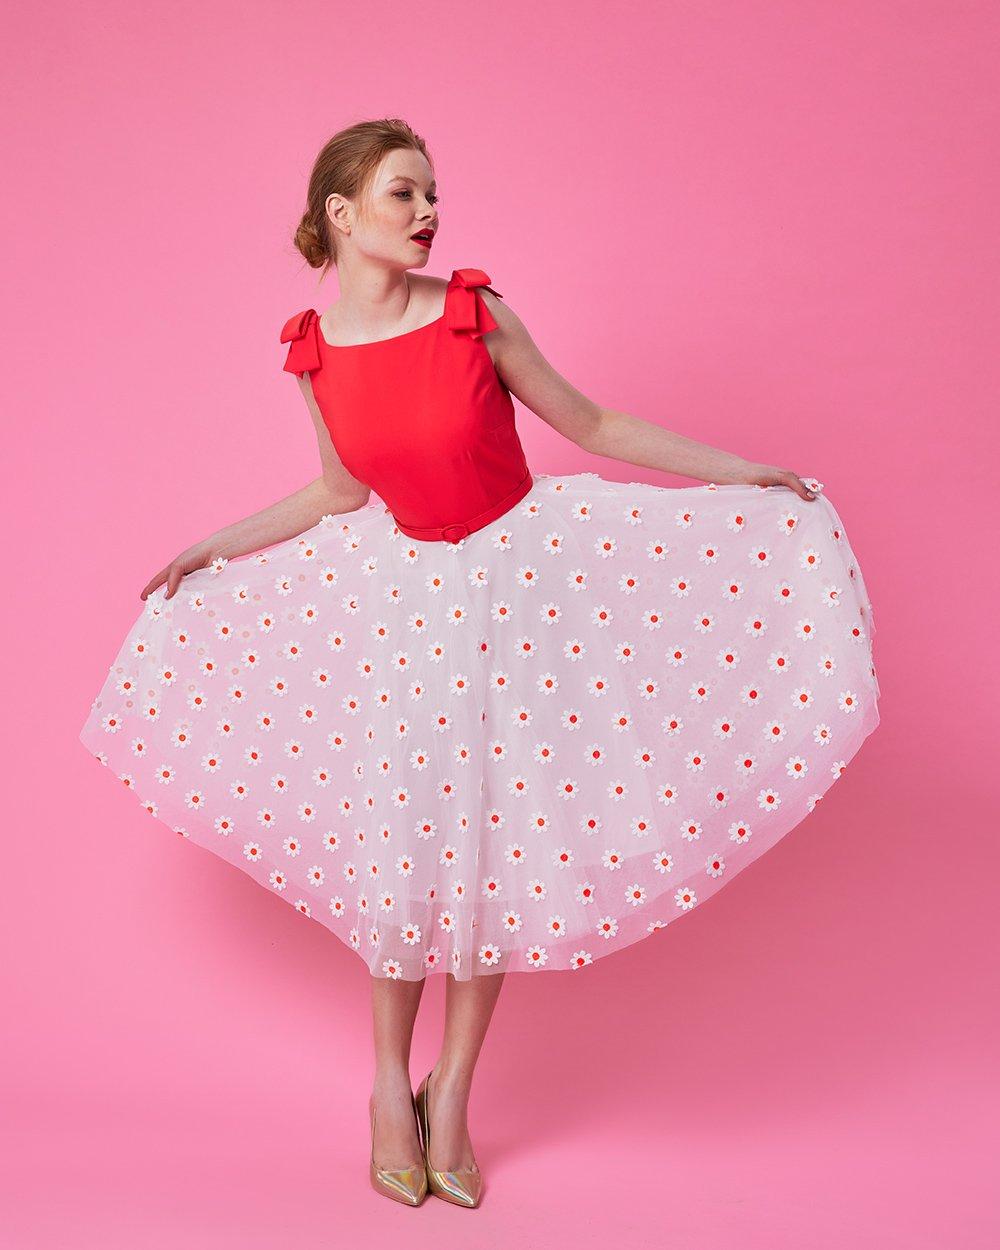 Φόρεμα με απλικέ μαργαρίτες και φιόγκους στους ώμους